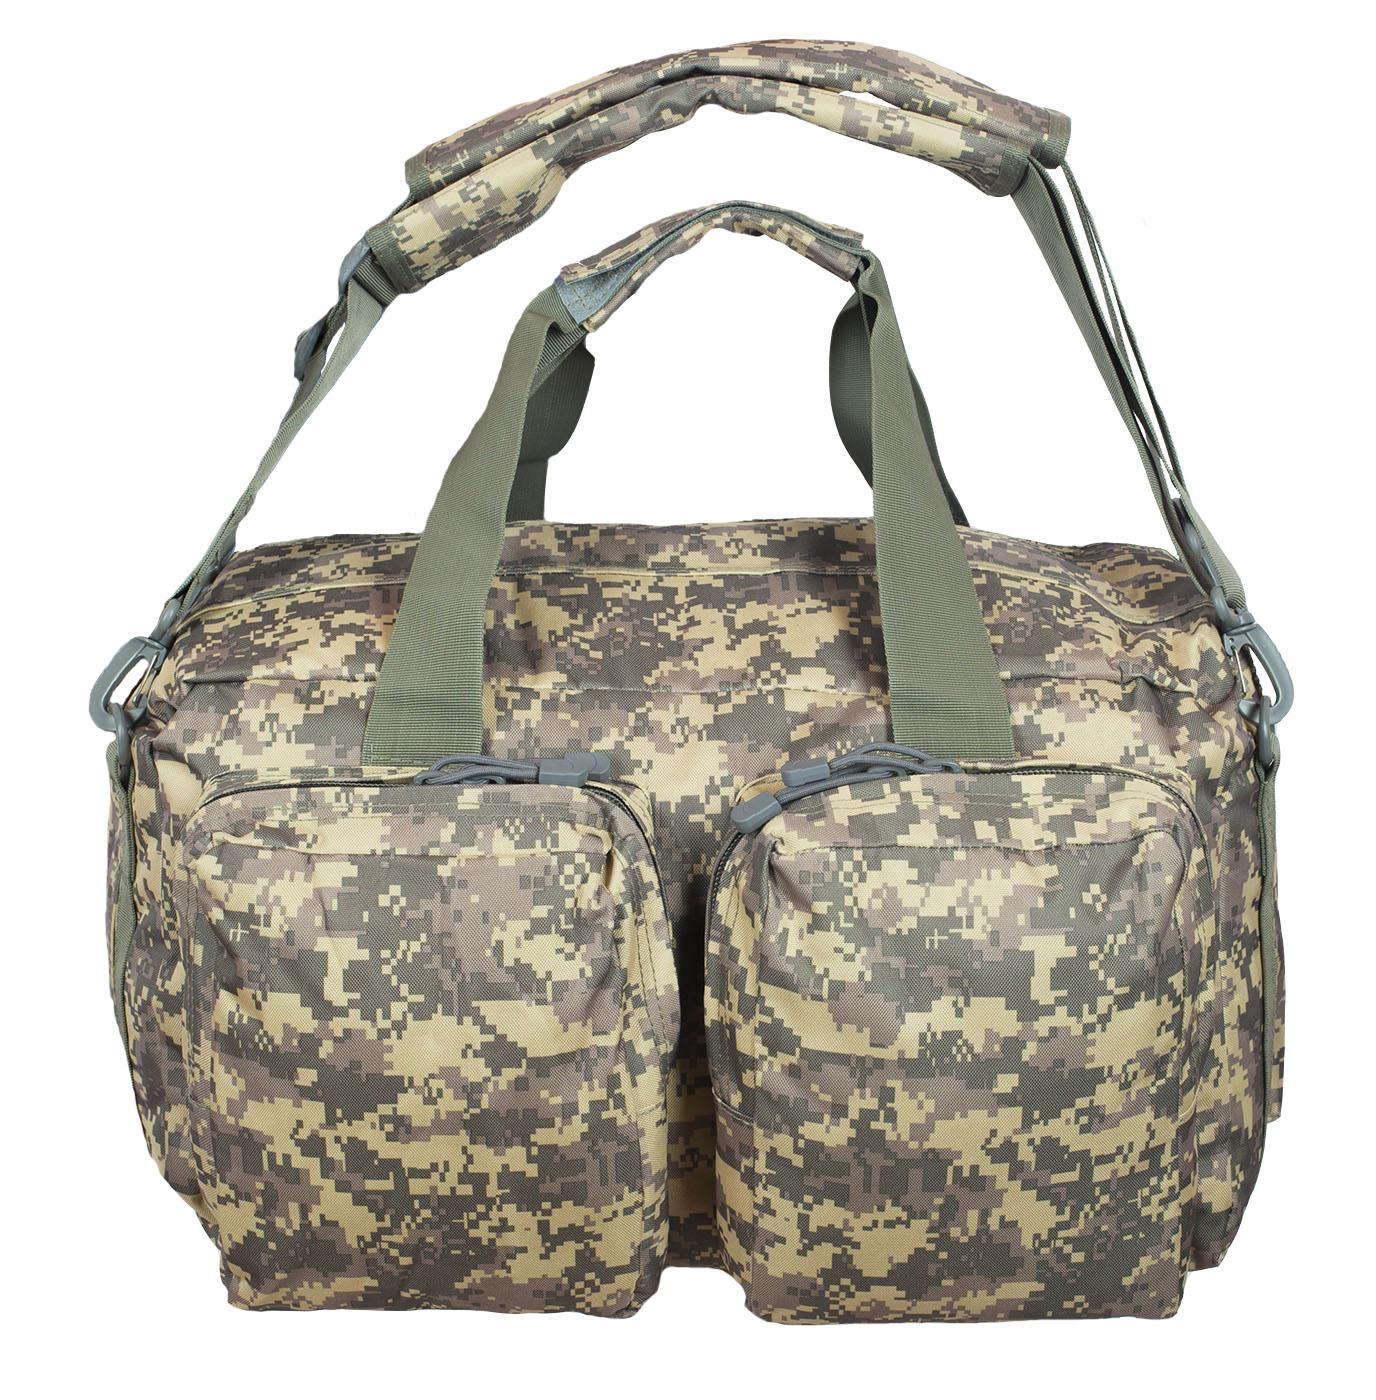 Походная камуфляжная сумка-рюкзак Ни пуха, Ни пера  - заказать онлайн